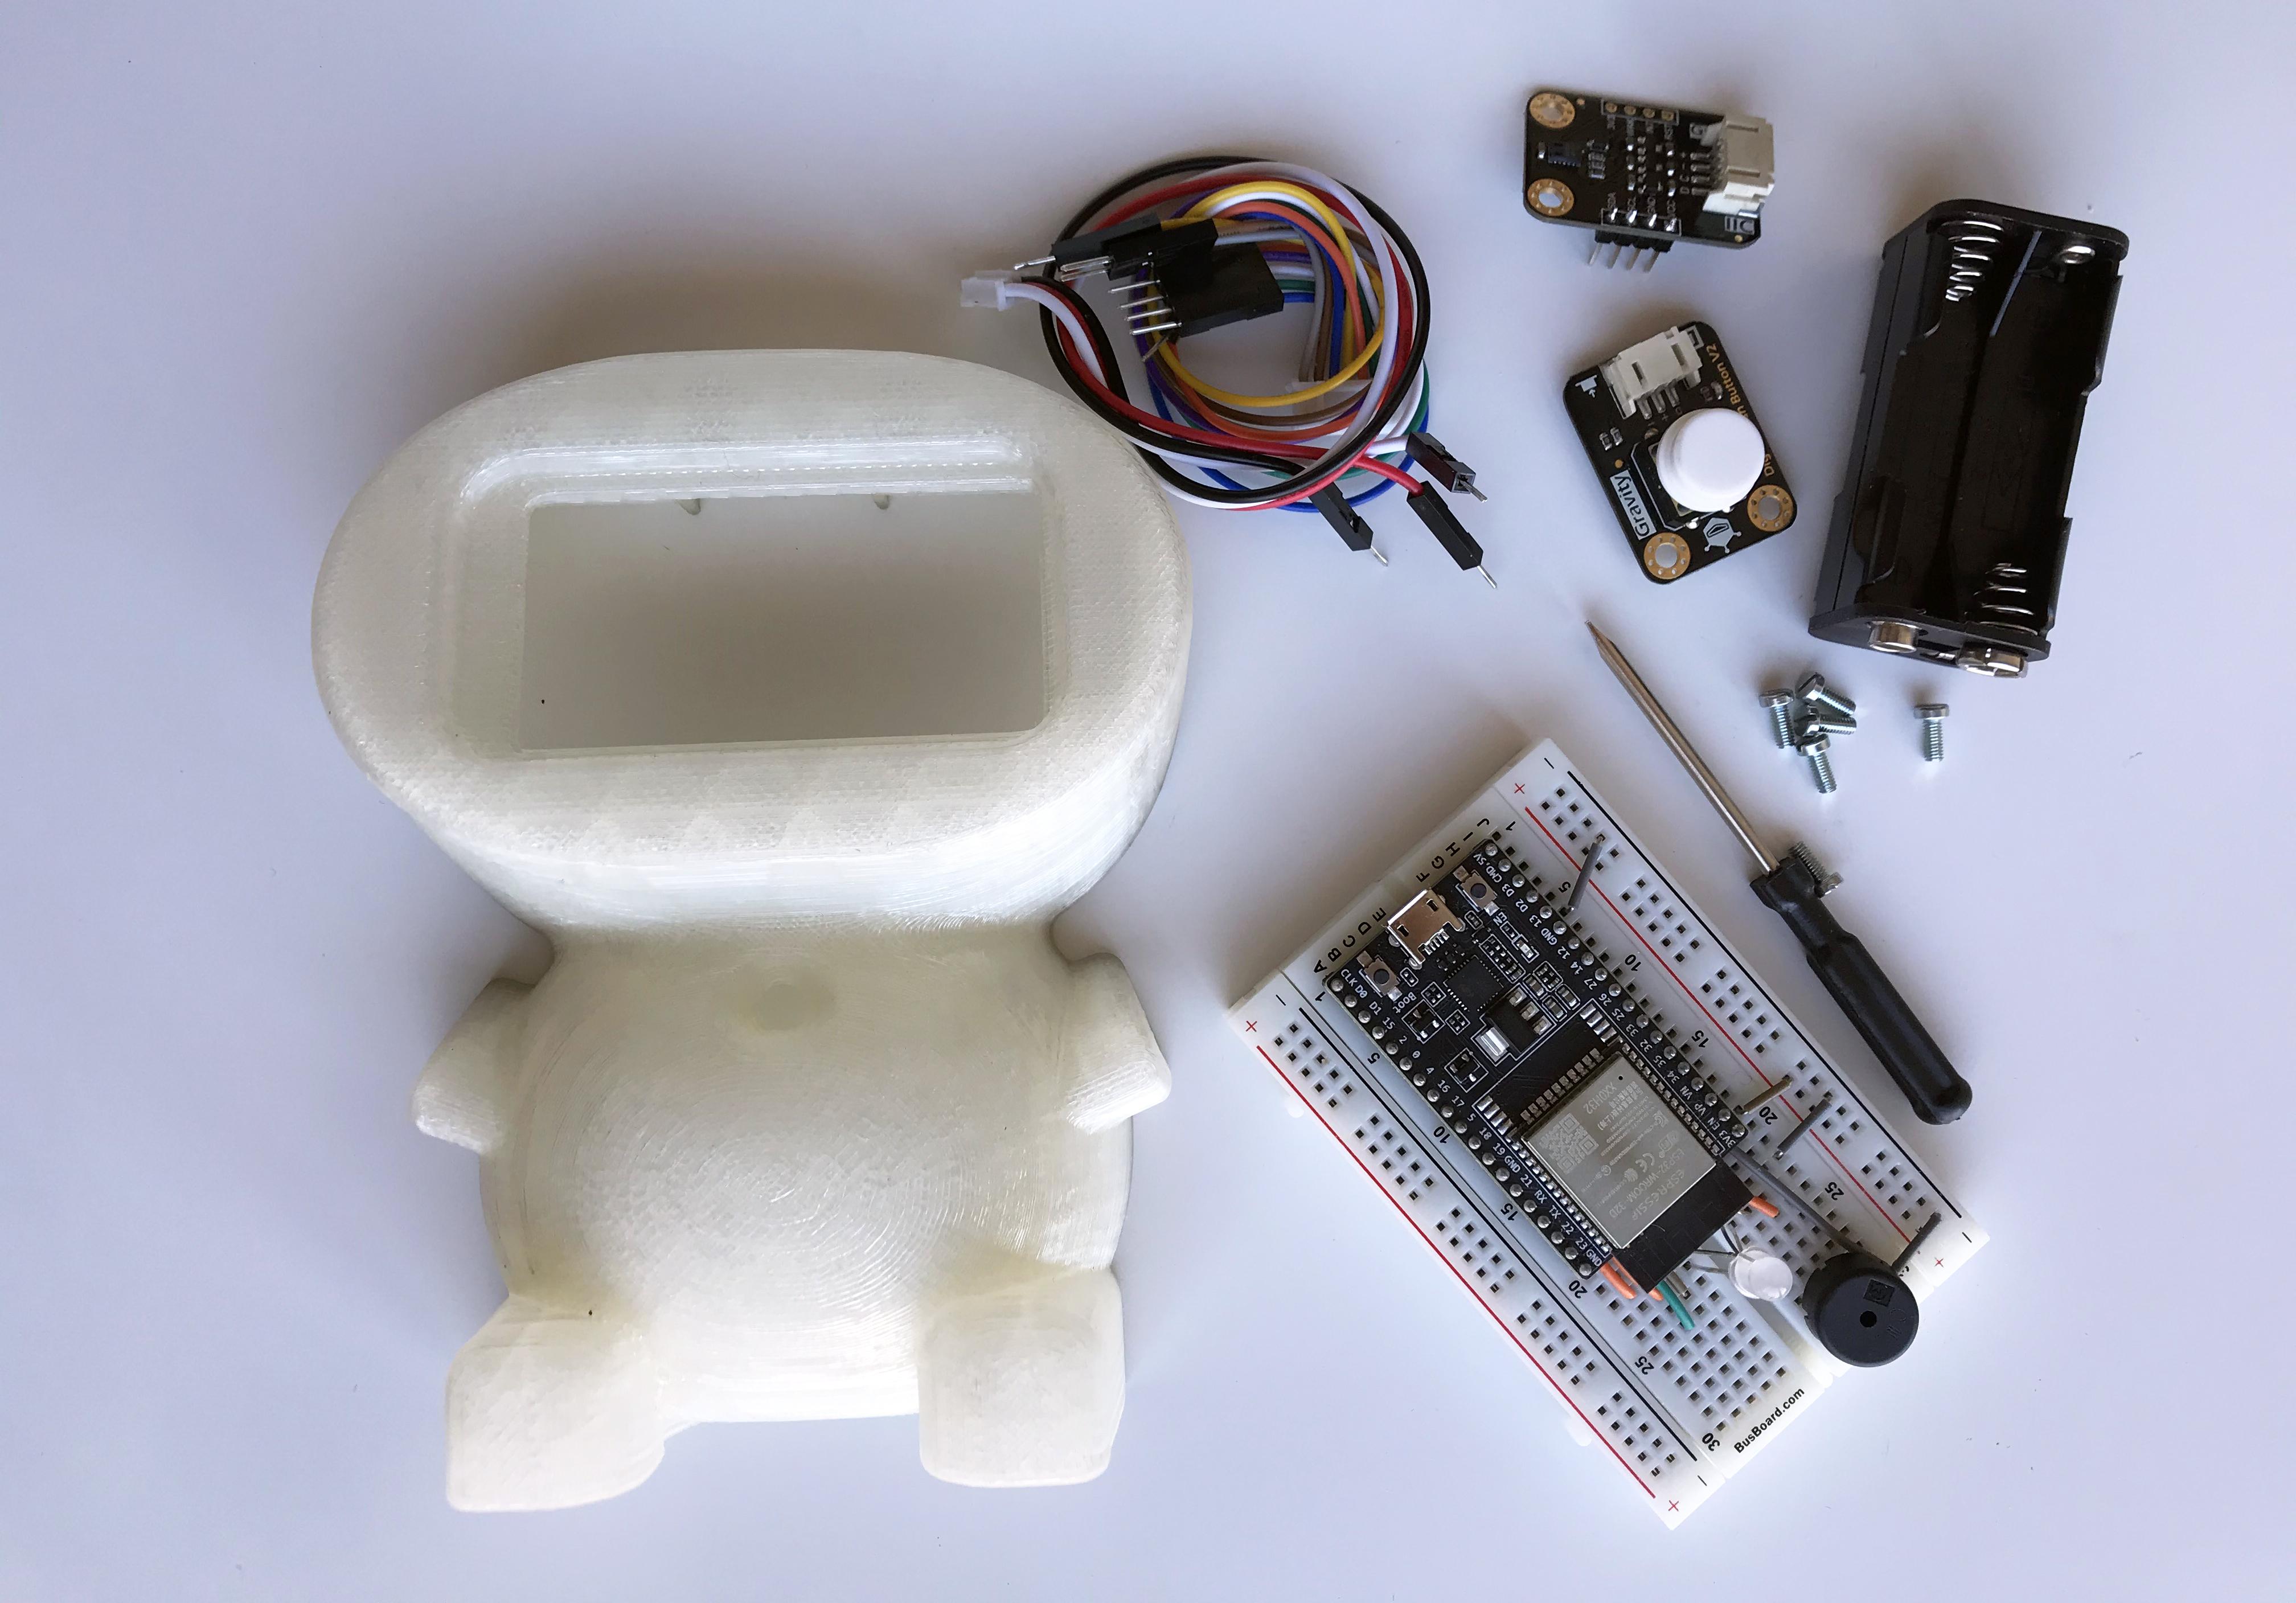 vöbu, un mini-robot que detecta los niveles de contaminación invisible